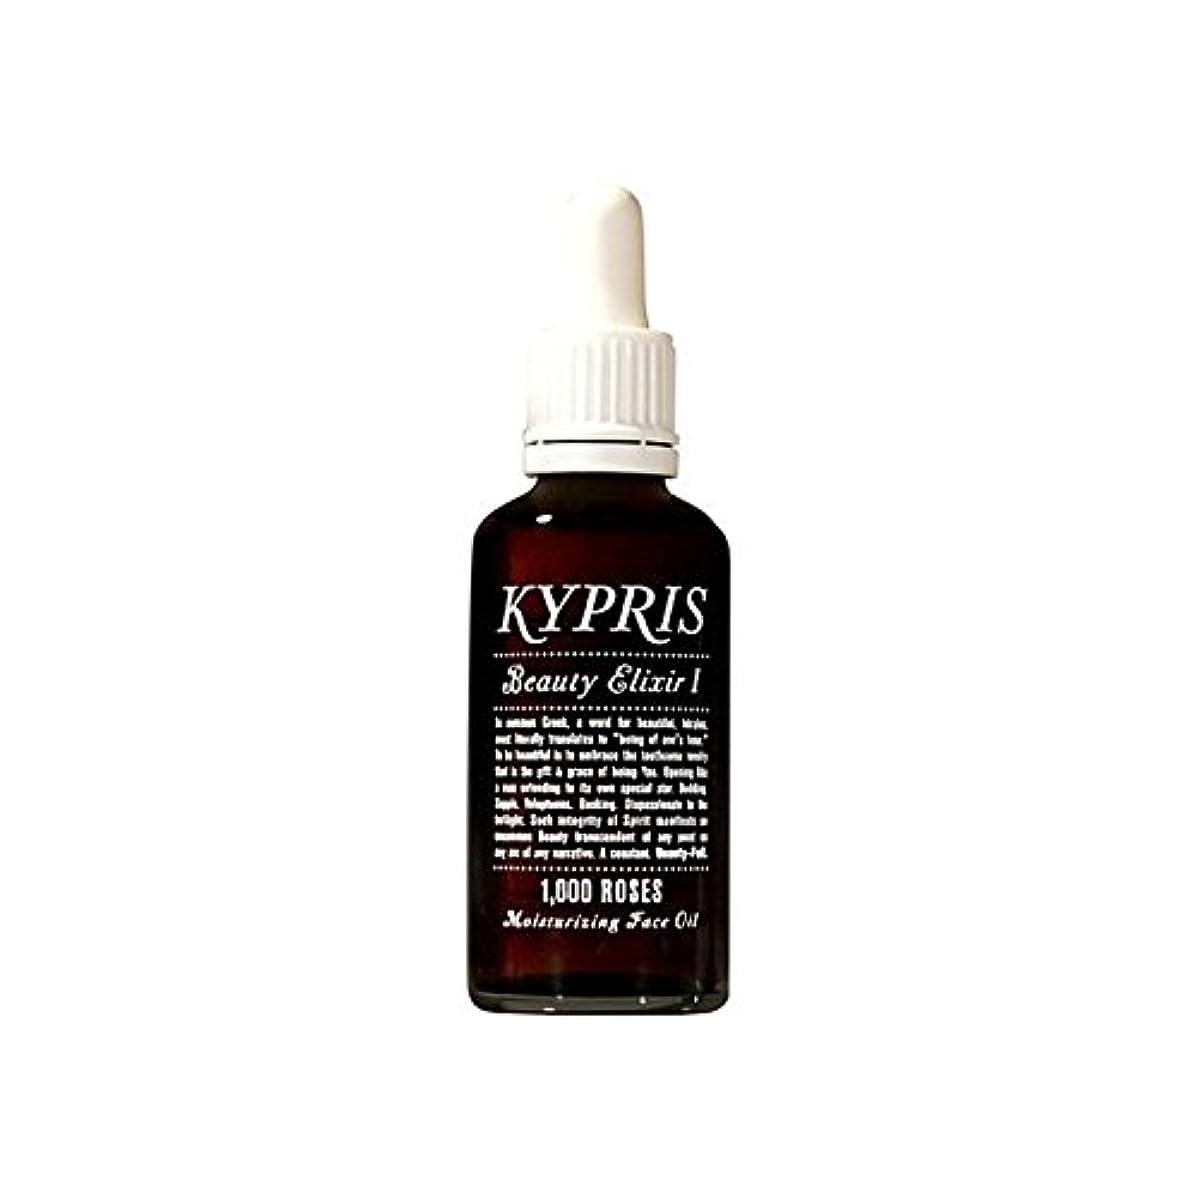 批判異常ドラフト千本のバラの14ミリリットル - 美容エリキシル私は x2 - Kypris Beauty Elixir I - 1,000 Roses 14Ml (Pack of 2) [並行輸入品]